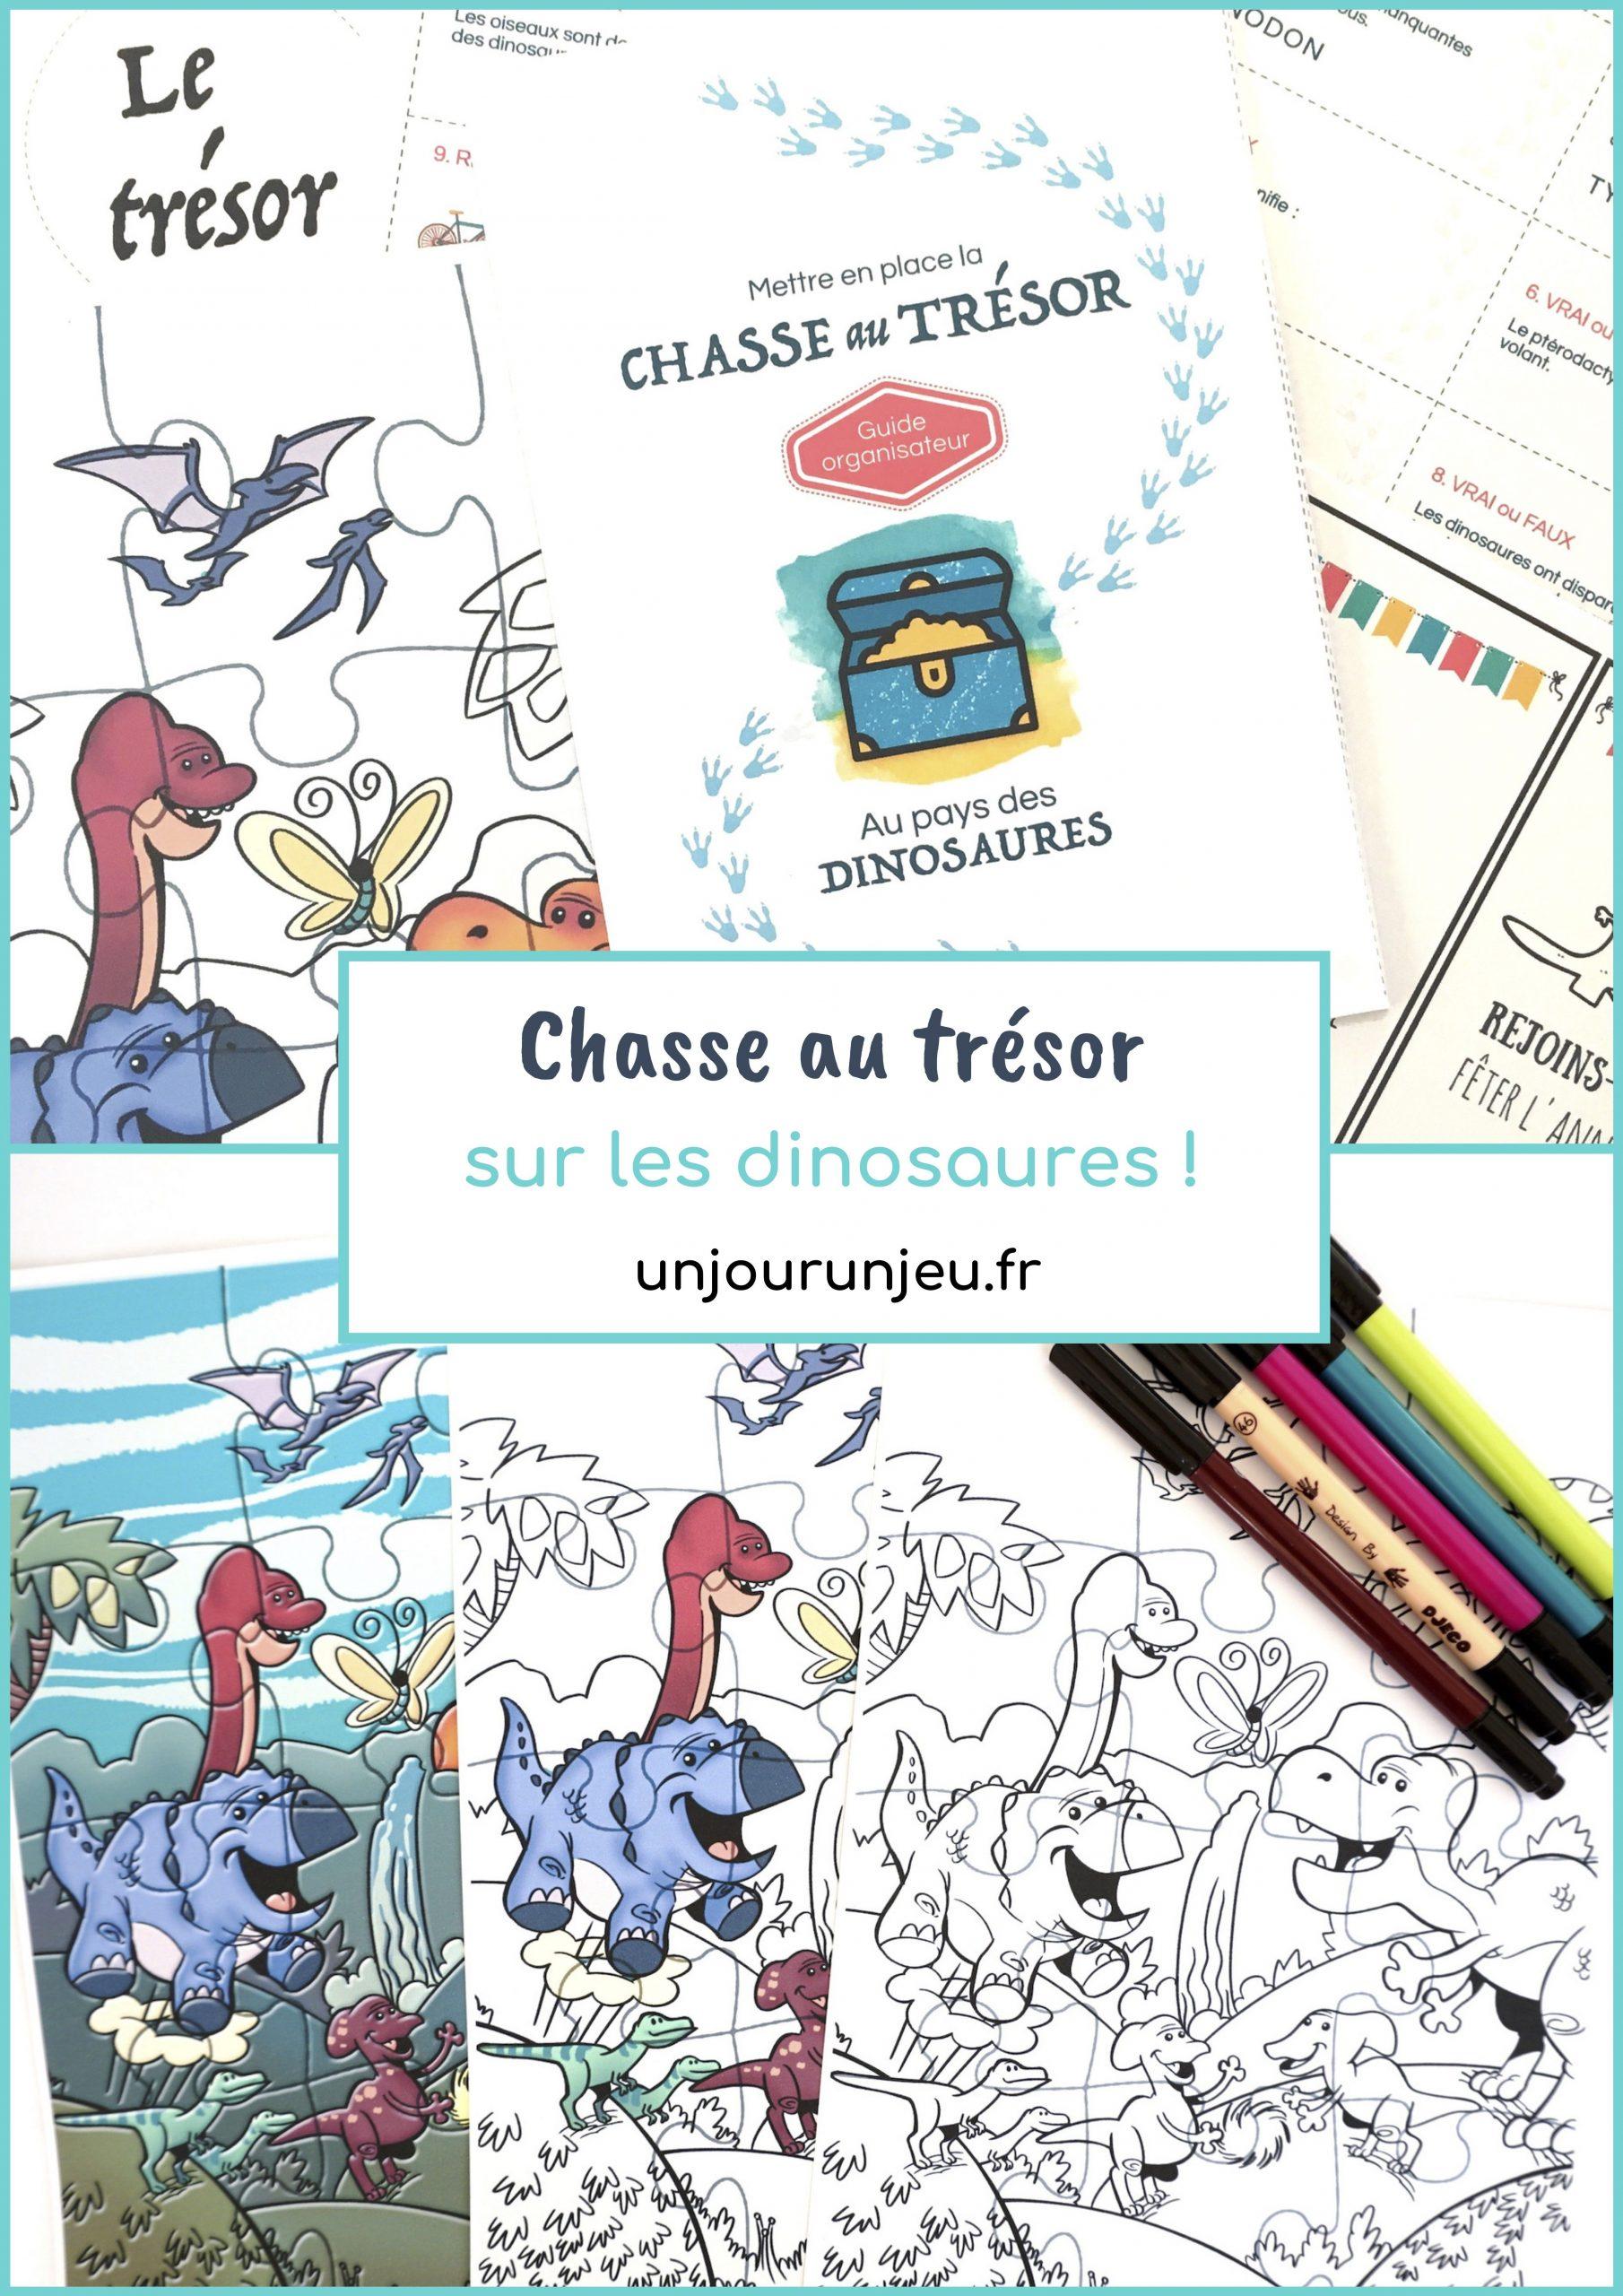 Chasse Au Trésor À Imprimer Immédiatement Sur Les Dinosaures avec Jeux Enfant 4 Ans Gratuit